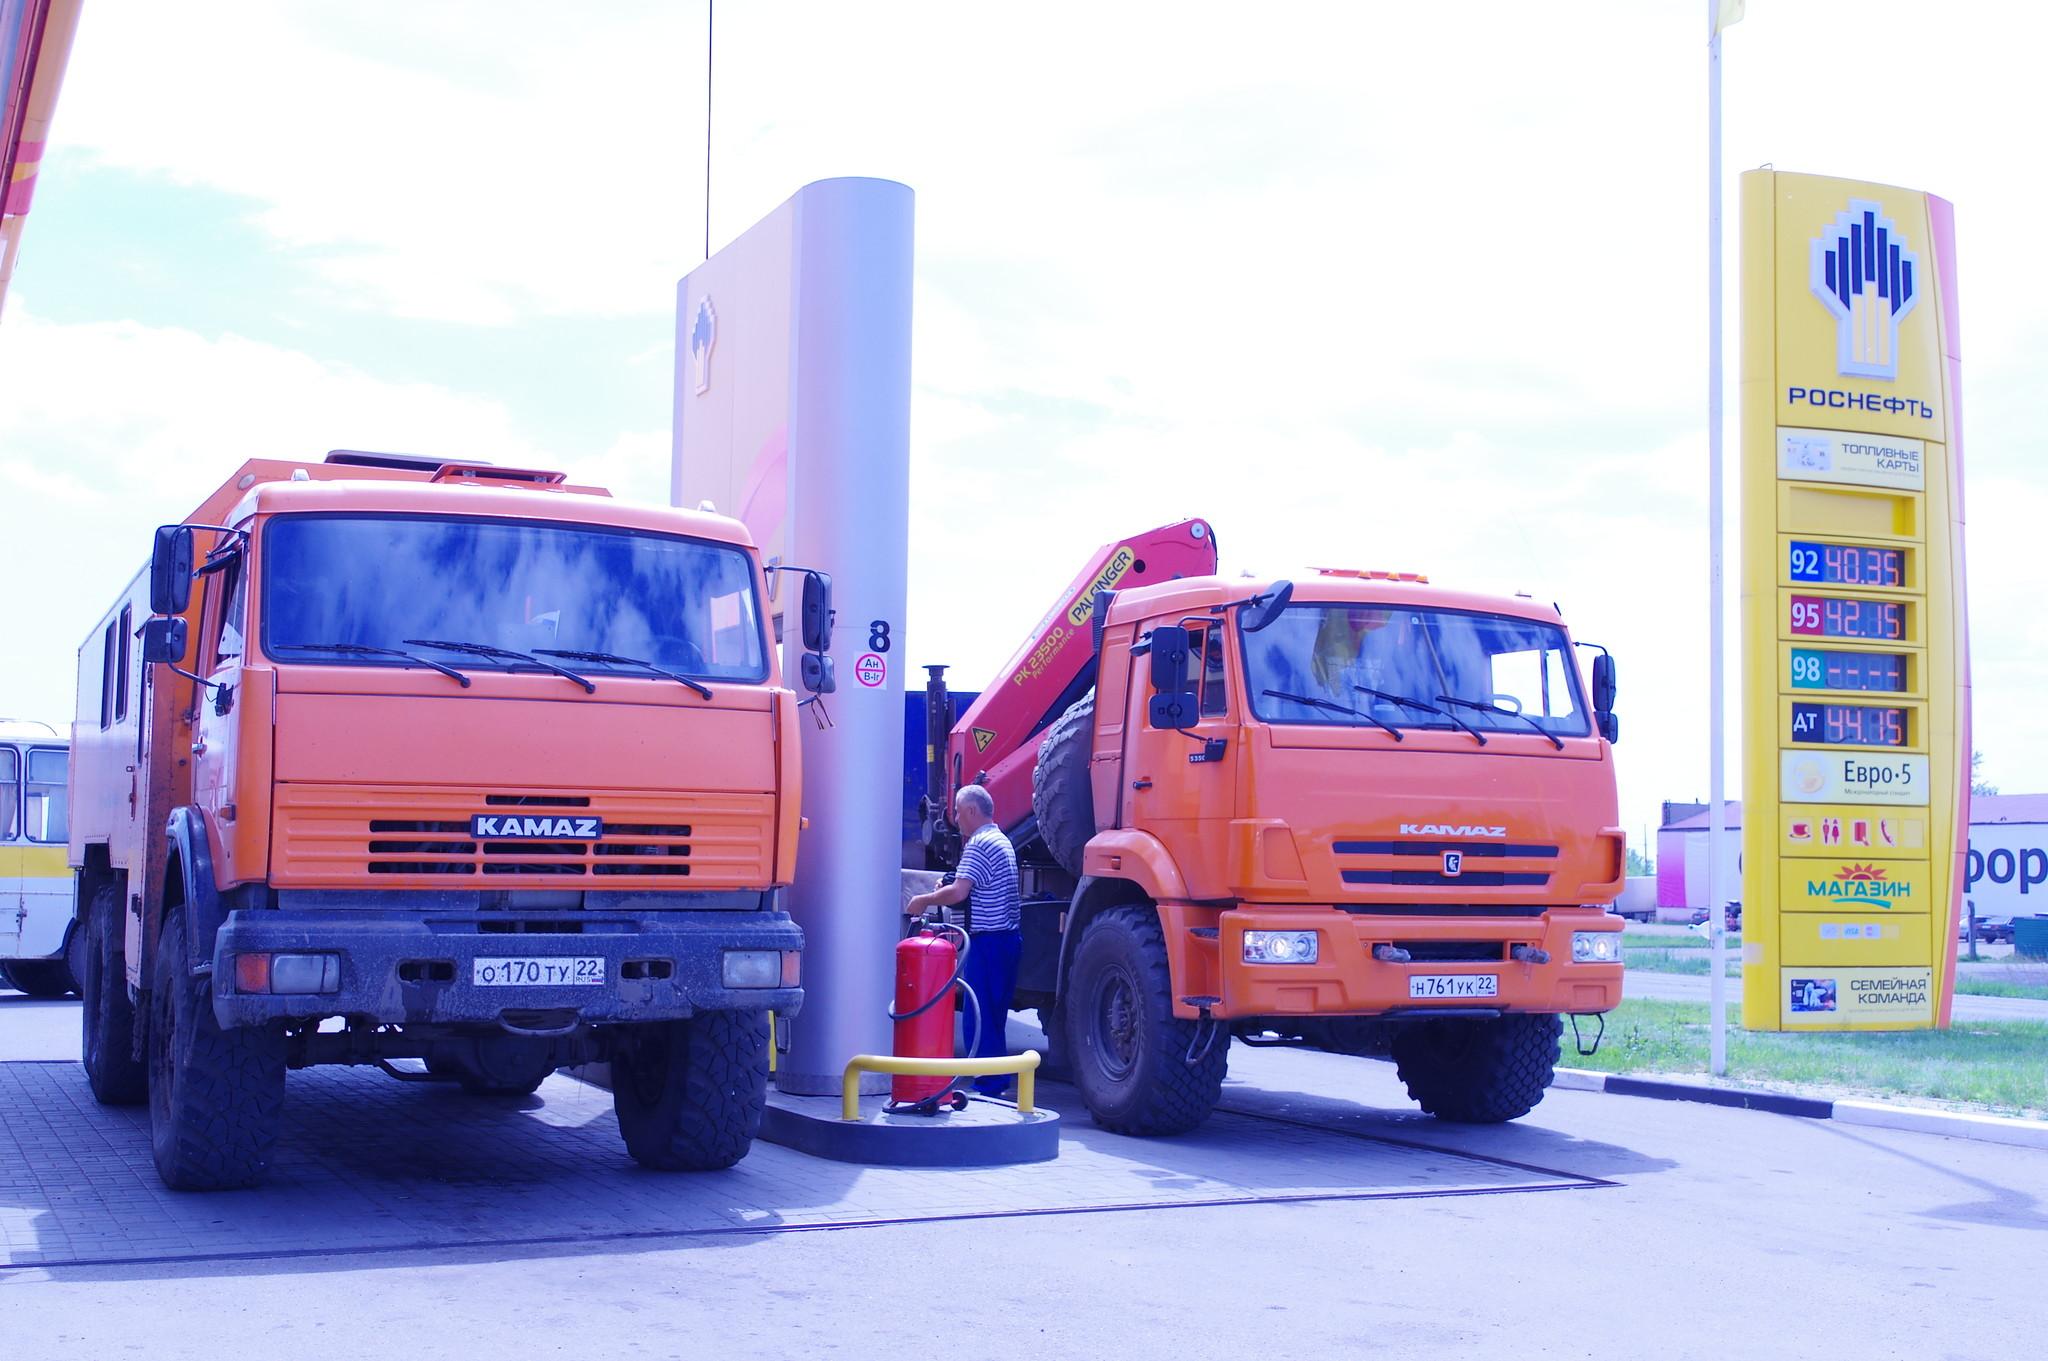 Автомобили КАМАЗ на АЗС Роснефть (п. Благовещенка, Алтайский край)